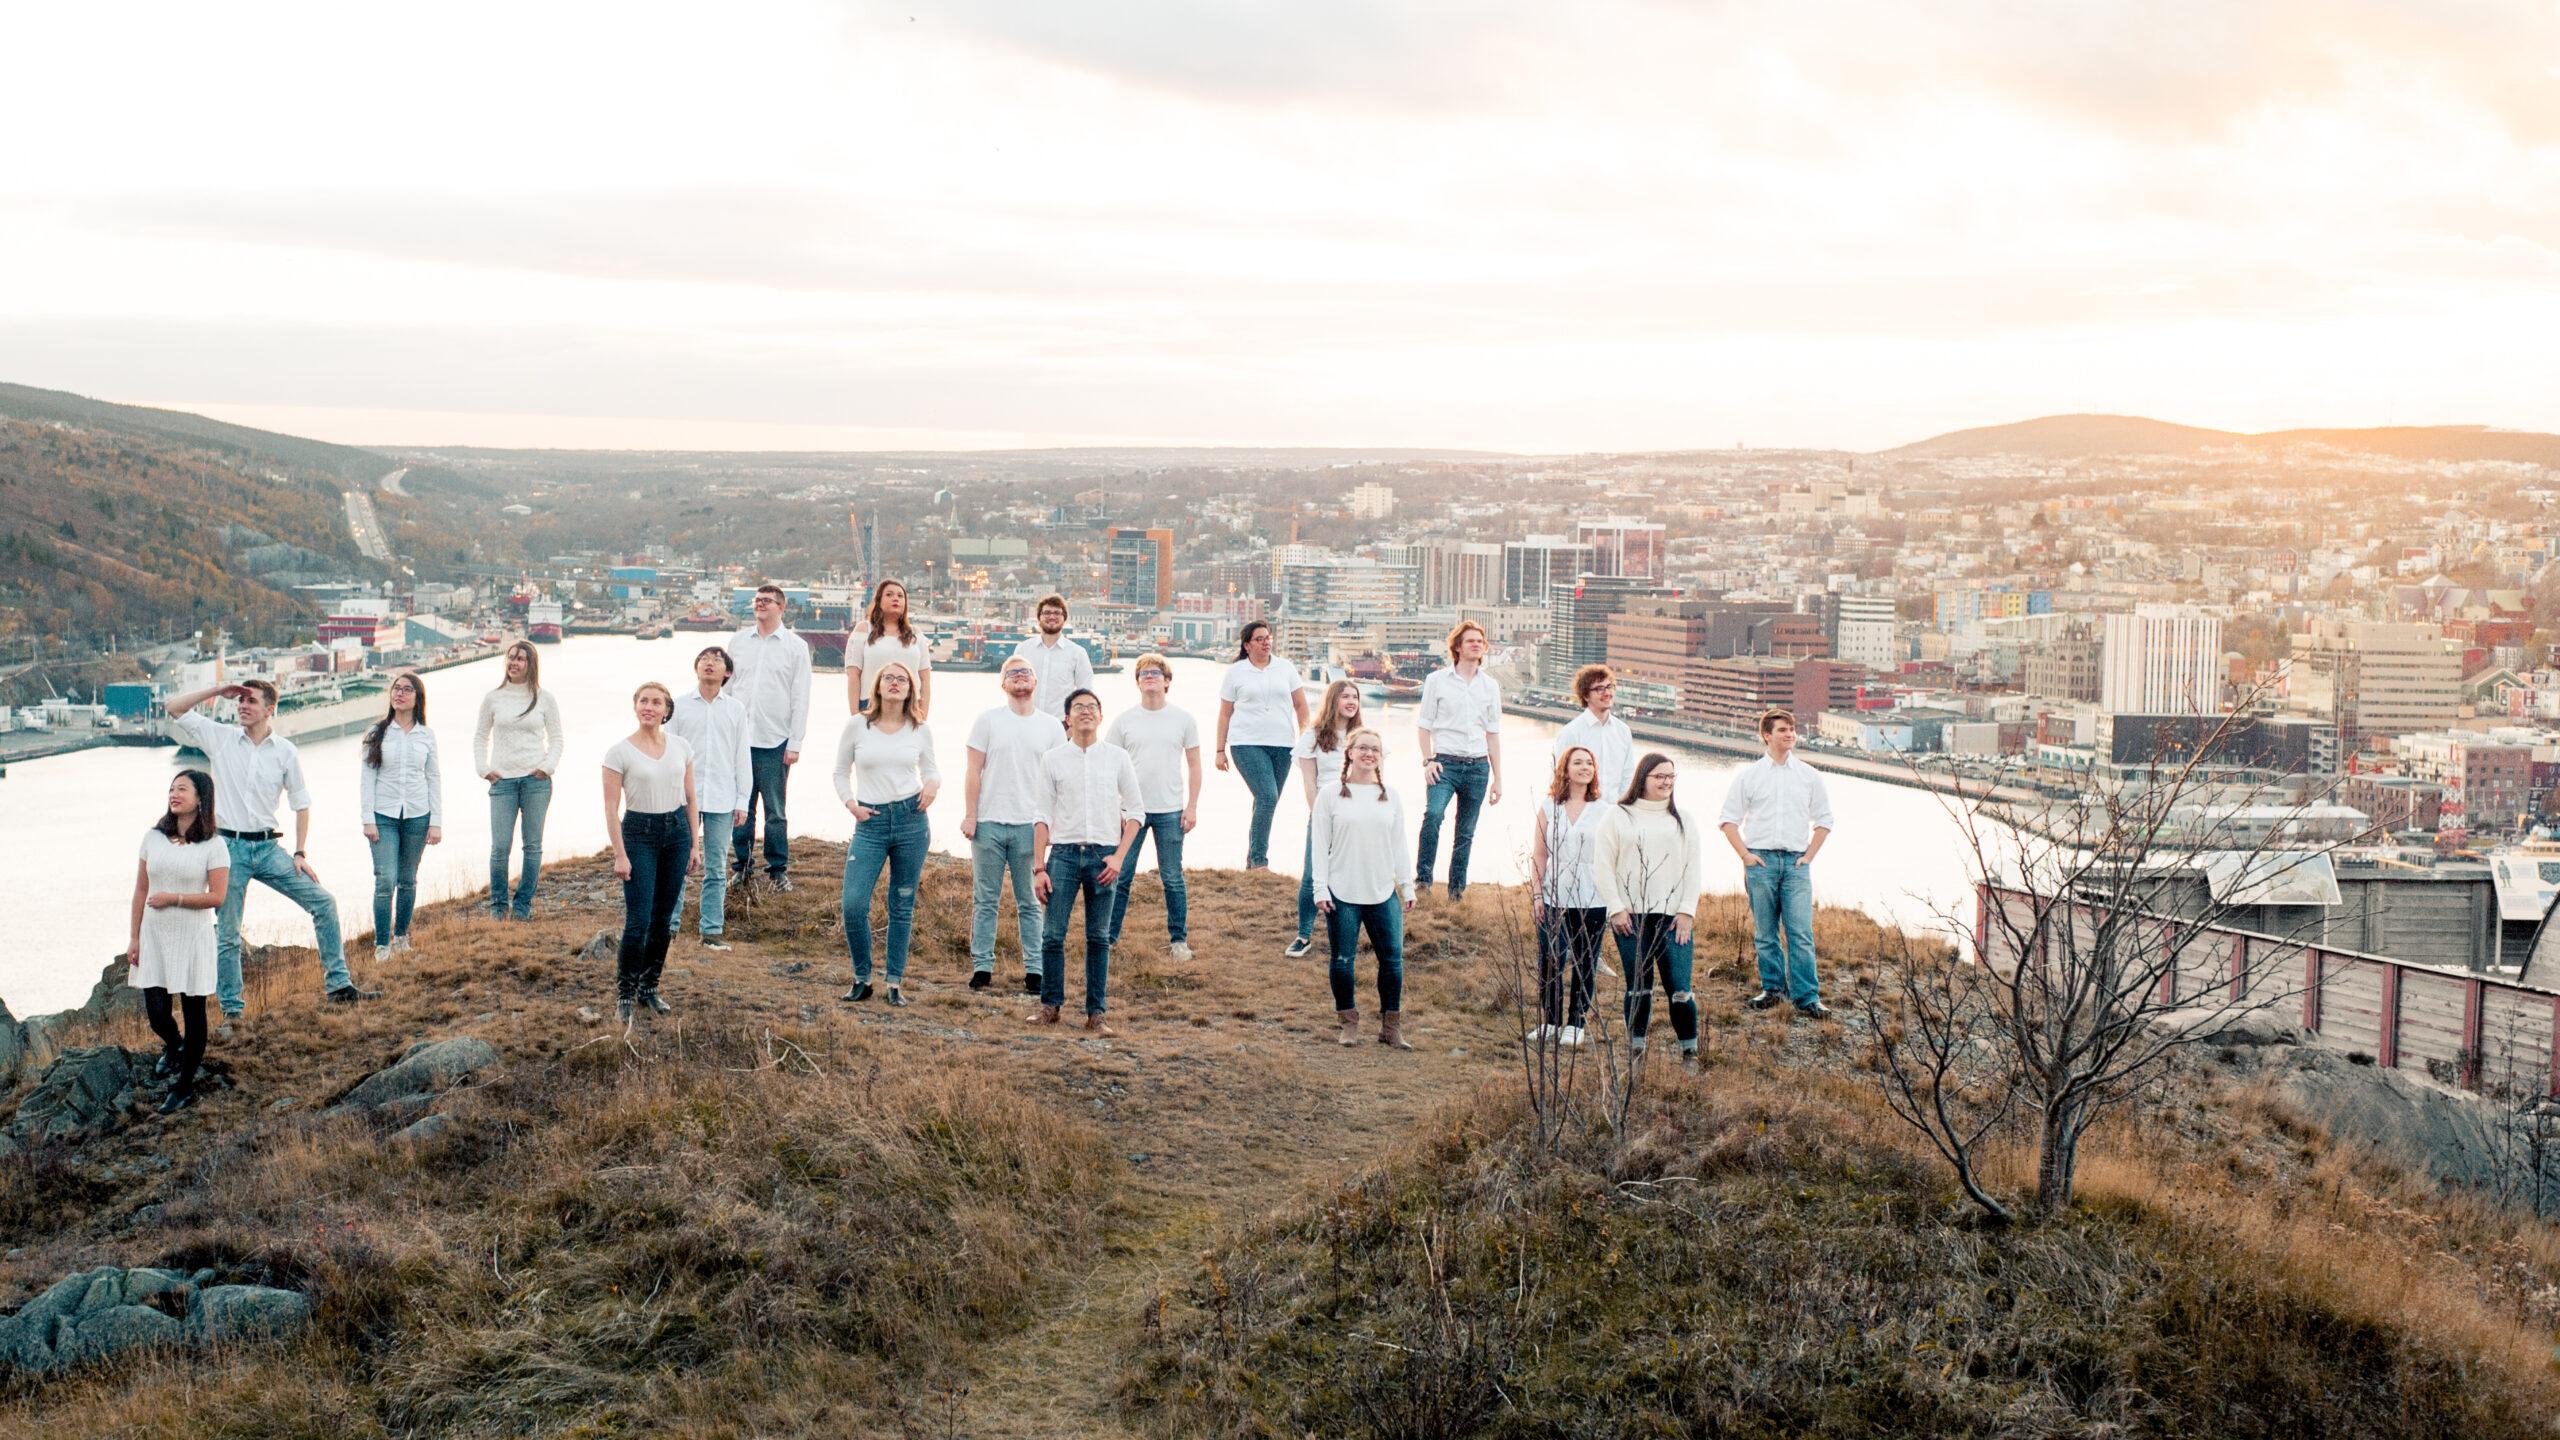 Yu Hang Tan, ZDA: Komorni zbor Suara, 2018, Kanada - Promocijska fotografija komornega zbora Suara, posneta na hribu Signal Hill – na nacionalnem zgodovinskem območju s pogledom na mesto St. John's, Nova Fundlandija in Labrador, Kanada.